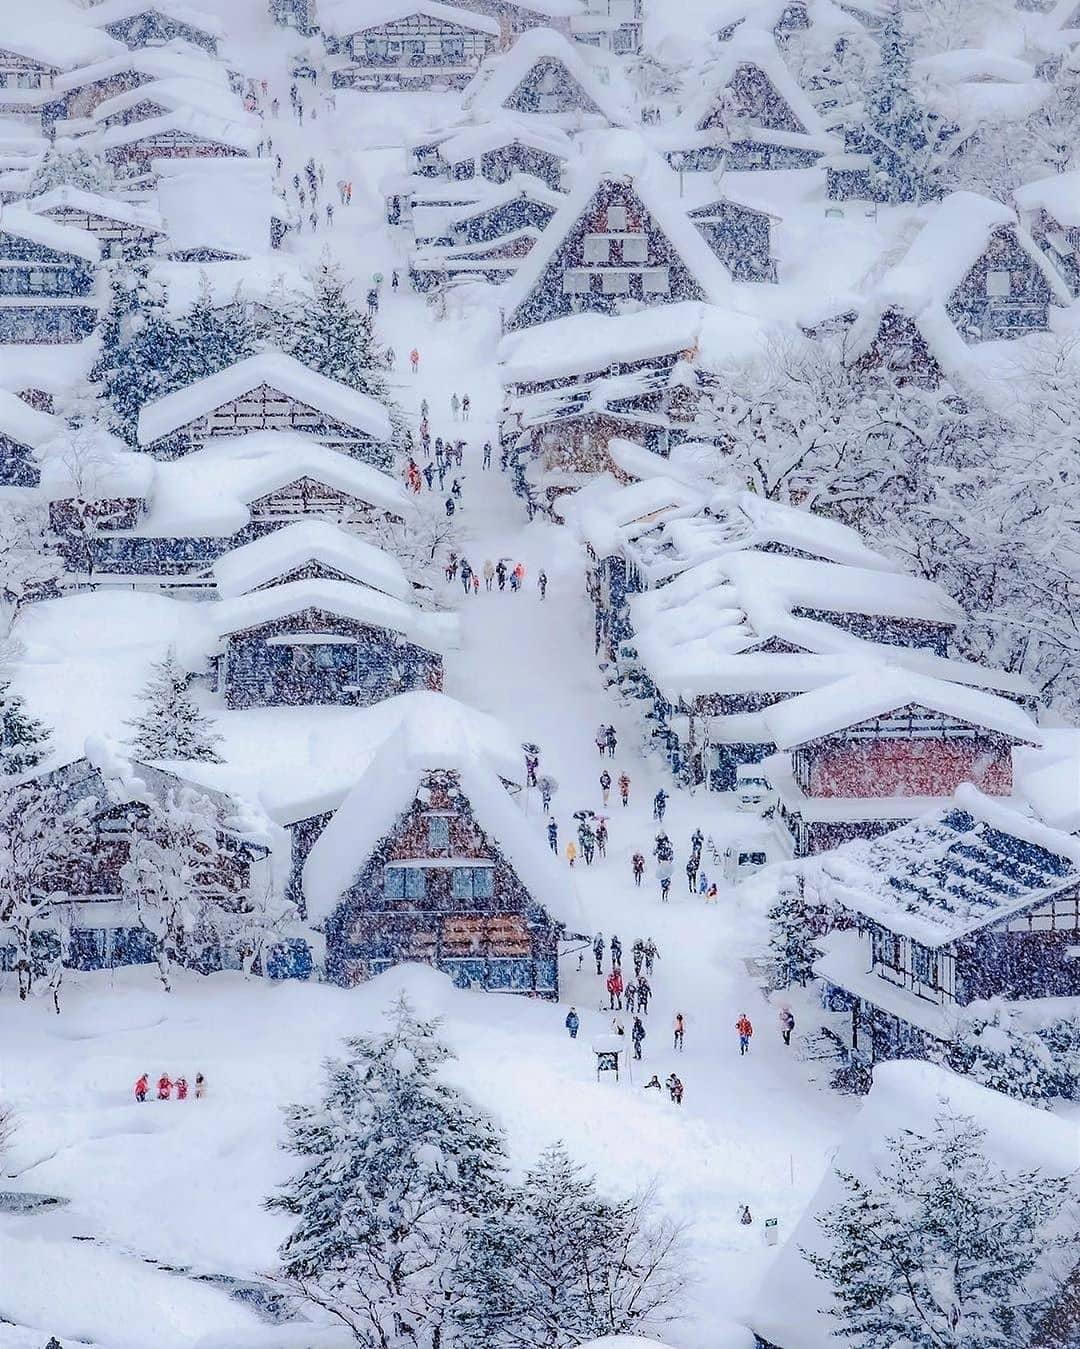 Mùa đông tuyết rơi ở Shirakawa